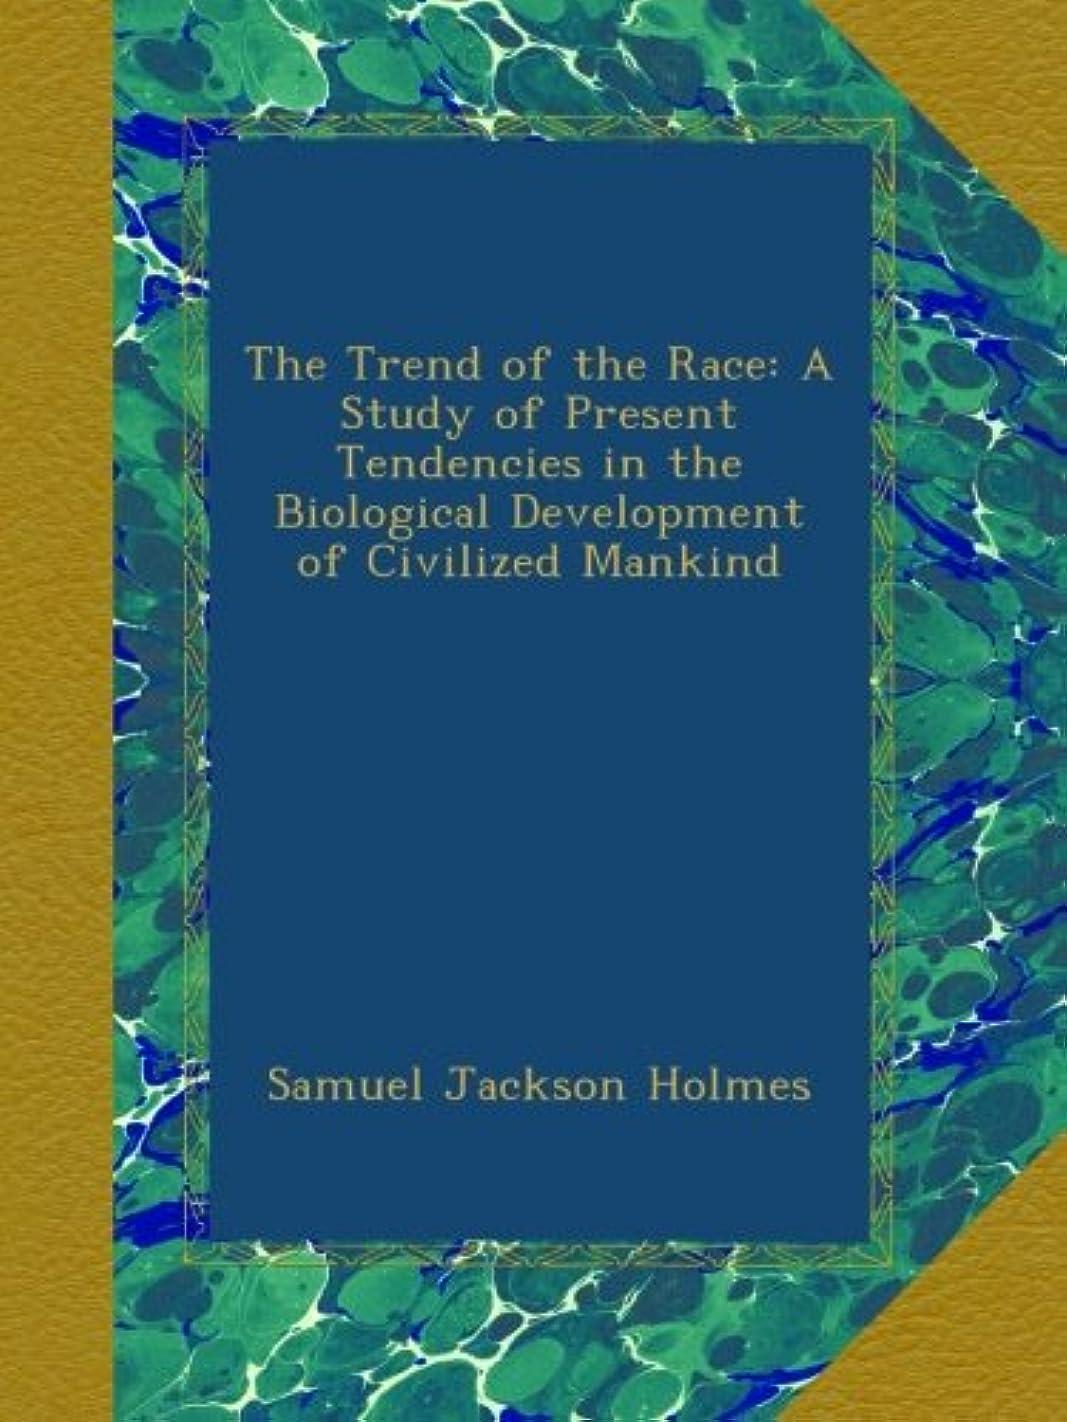 届ける先駆者意図The Trend of the Race: A Study of Present Tendencies in the Biological Development of Civilized Mankind